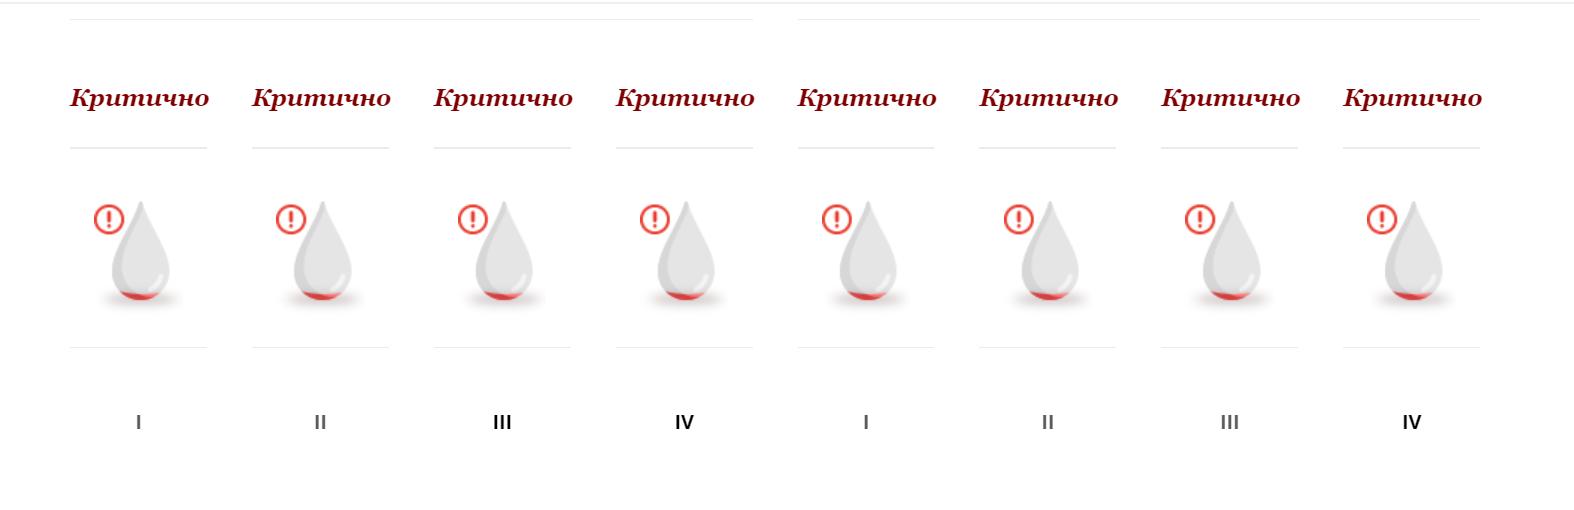 Нестача донорської крові в Україні через коронавірус - Кров, коронавірус - Snymok ekrana 65